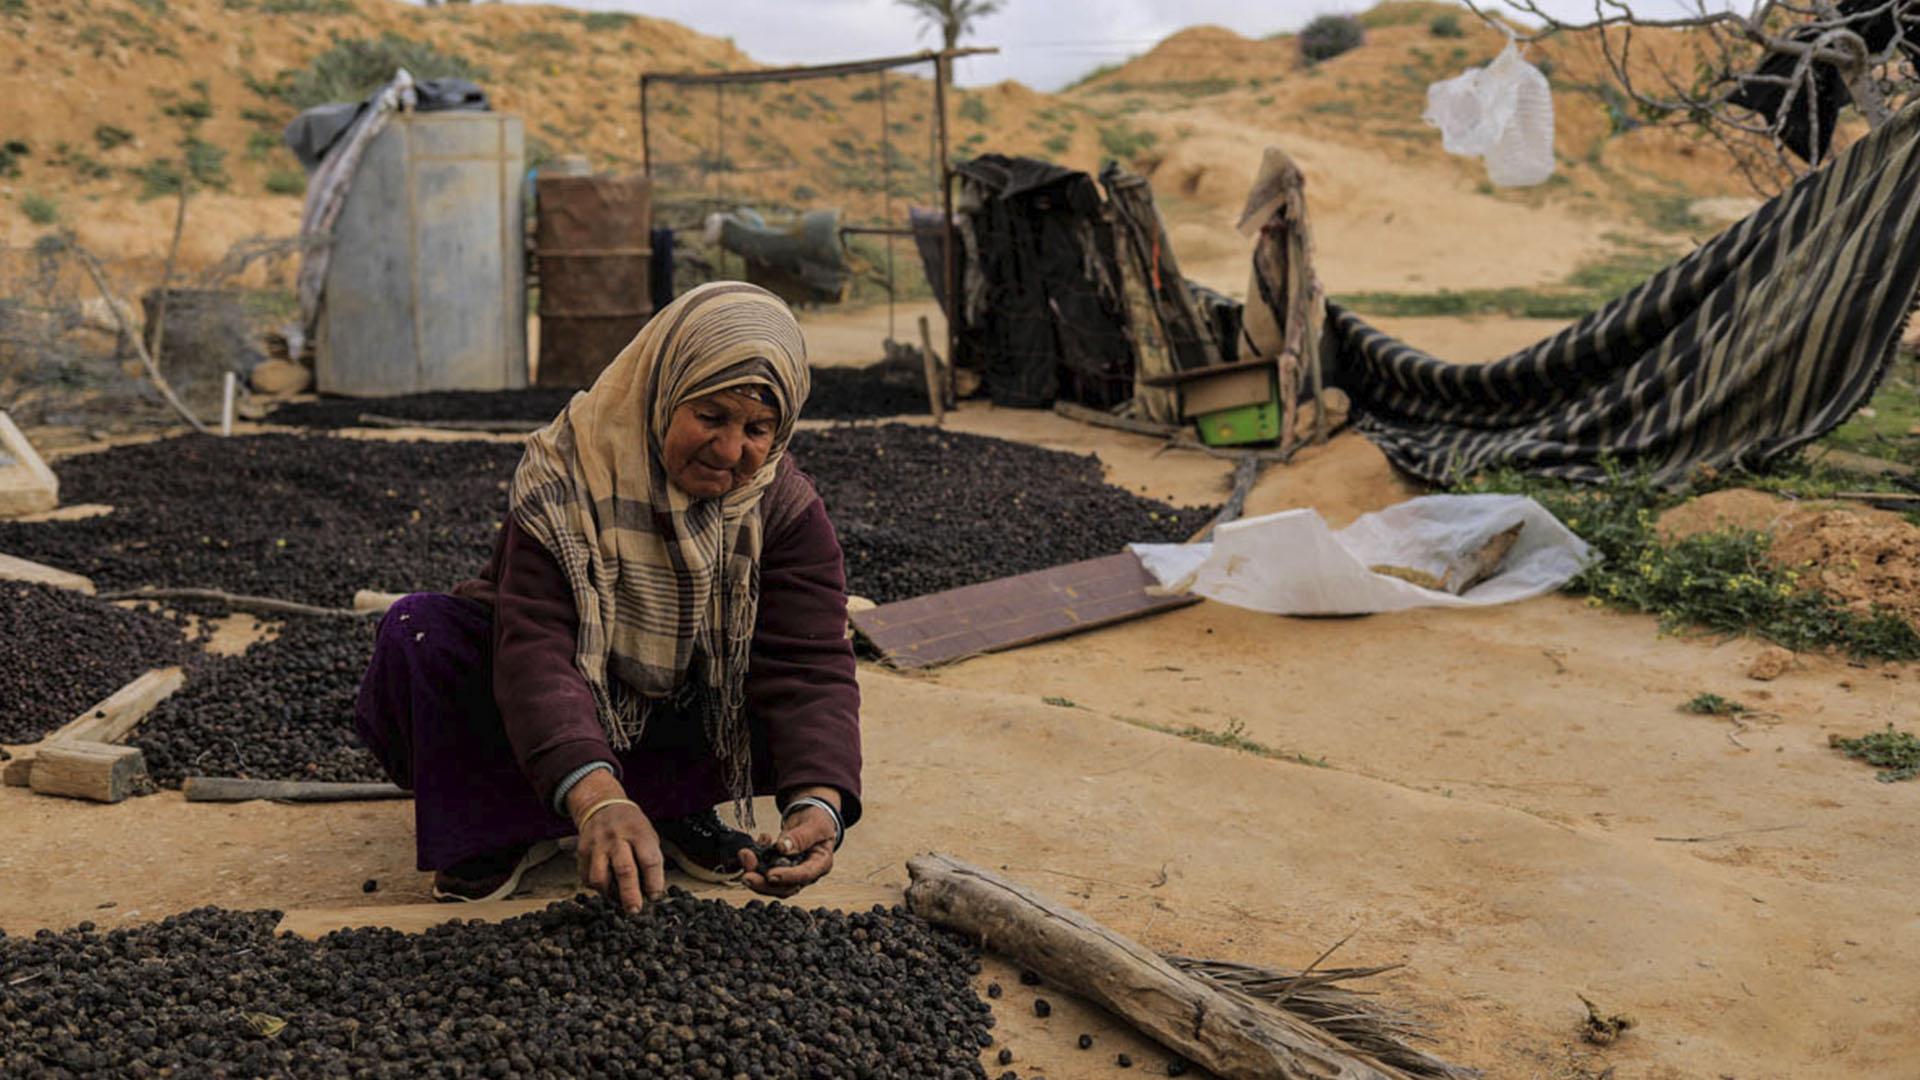 La recolección de aceitunas. La zona está poblada por olivos